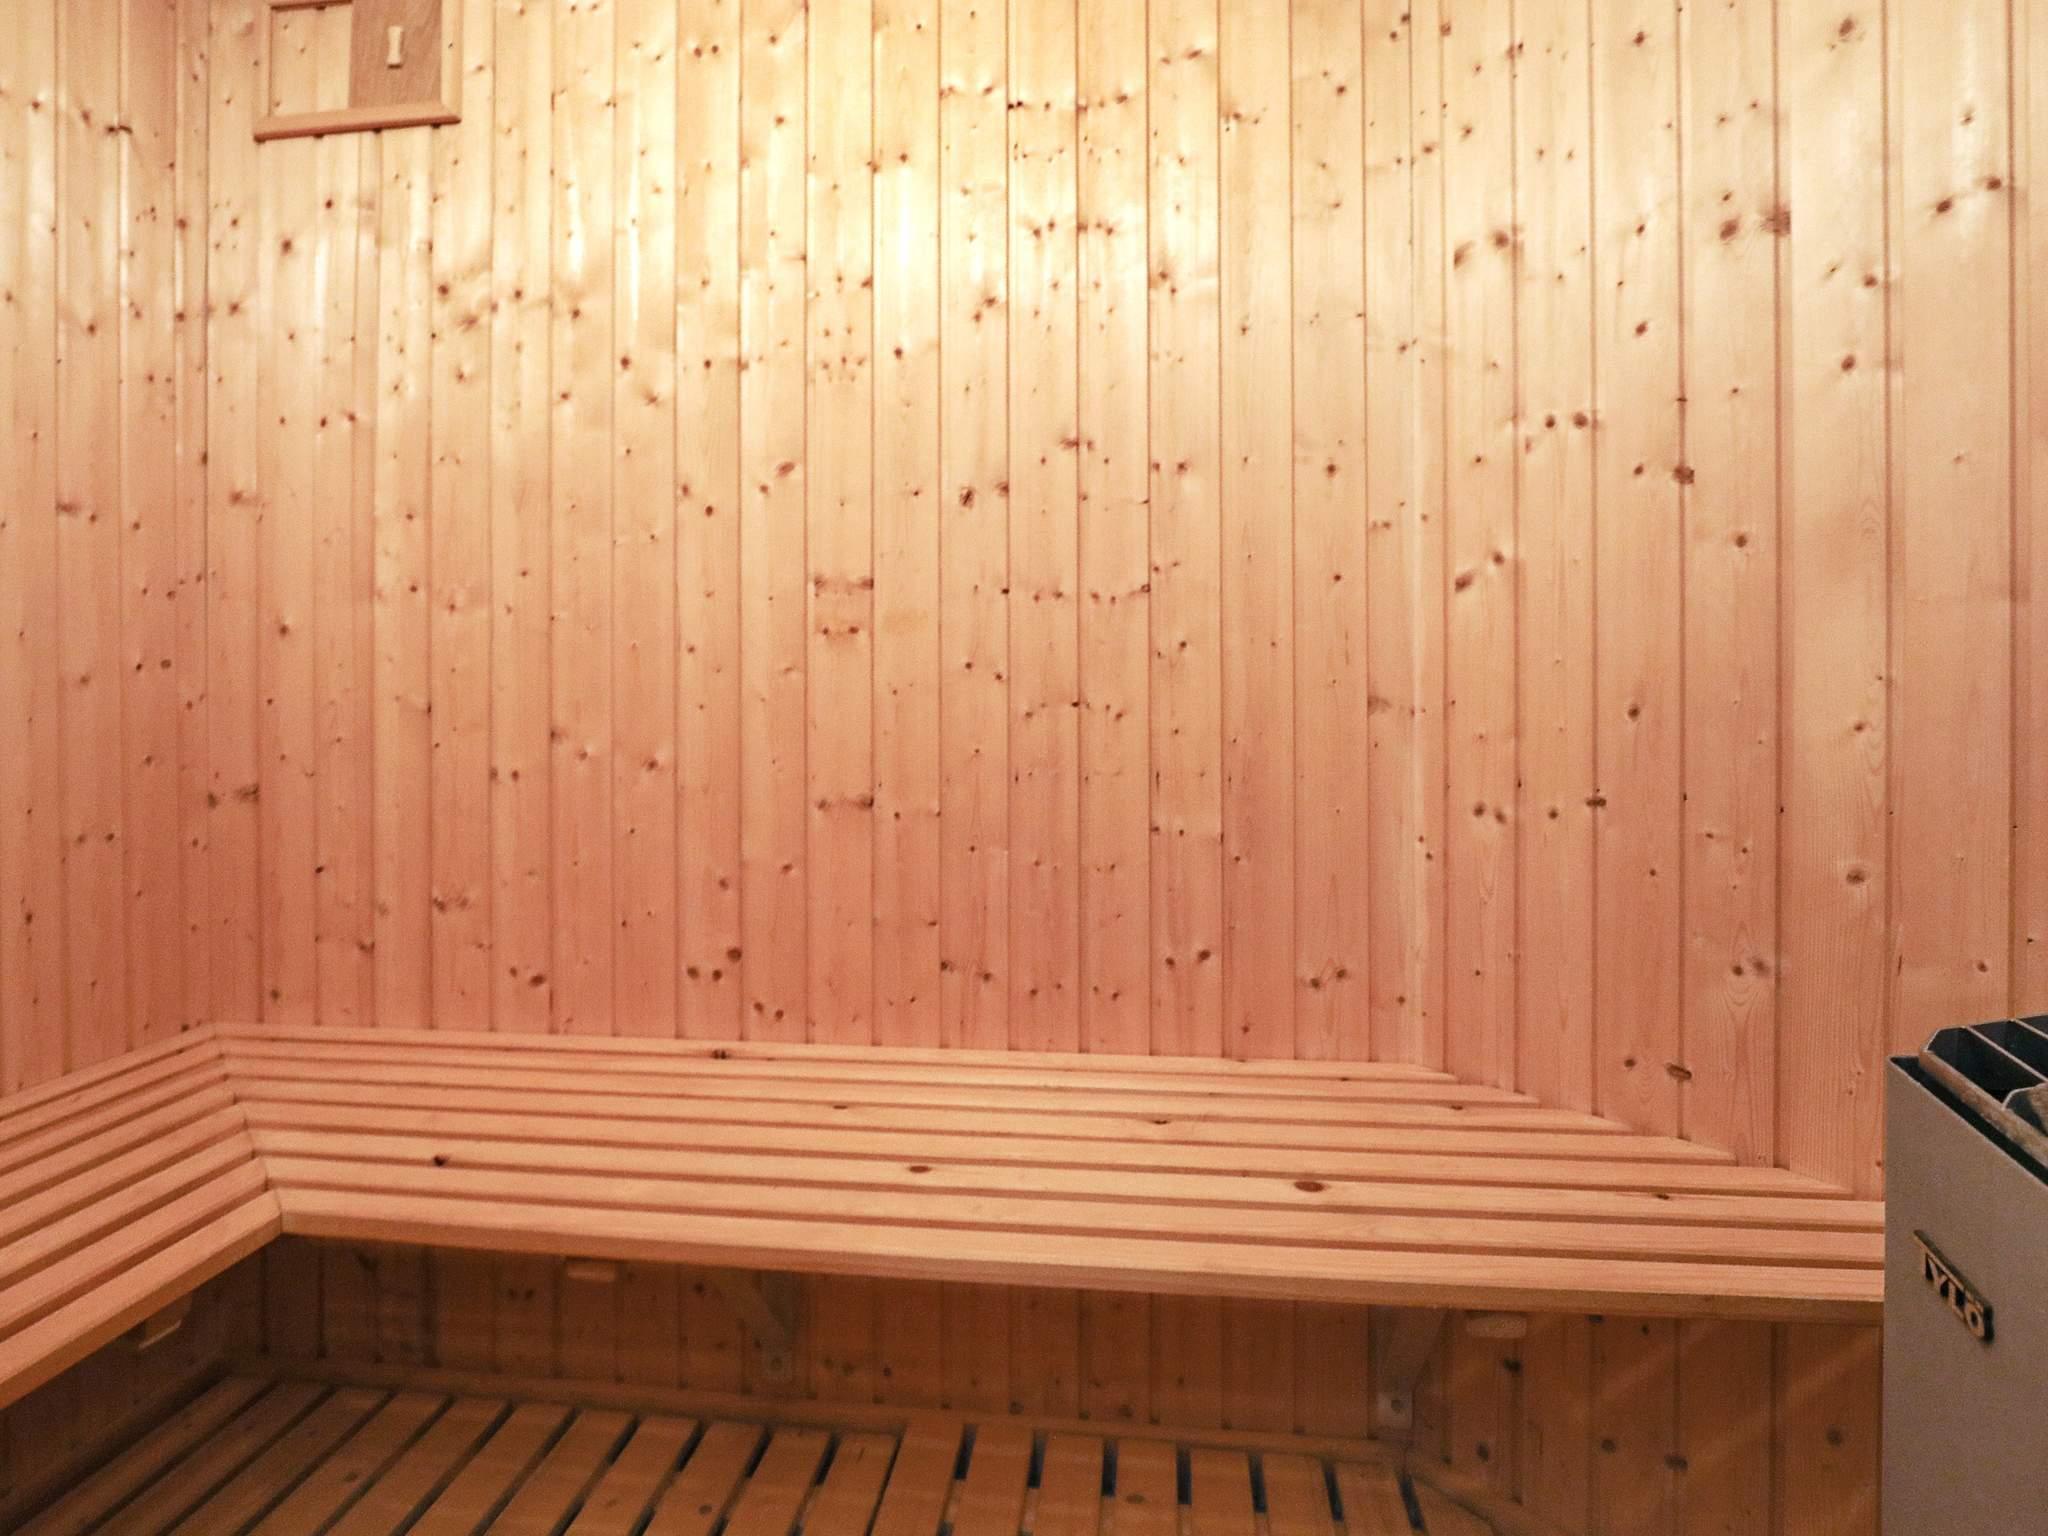 Ferienhaus Kjul Strand (2523809), Hirtshals, , Nordwestjütland, Dänemark, Bild 12